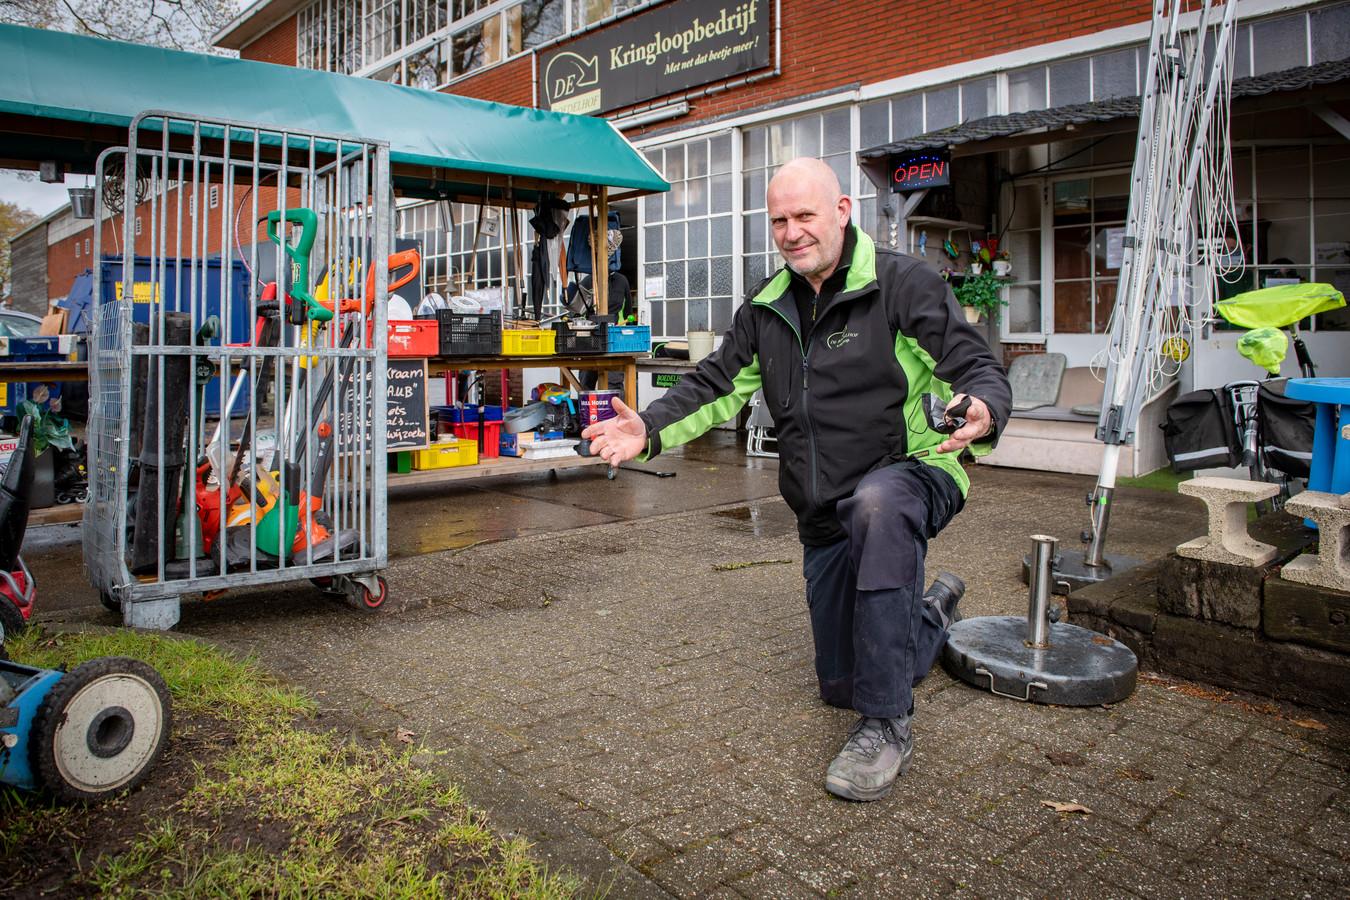 Wim Nijkamp laat zien waar de zandbak voor zijn kringloopwinkel zondag stond. Vanochtend bleek die verdwenen.